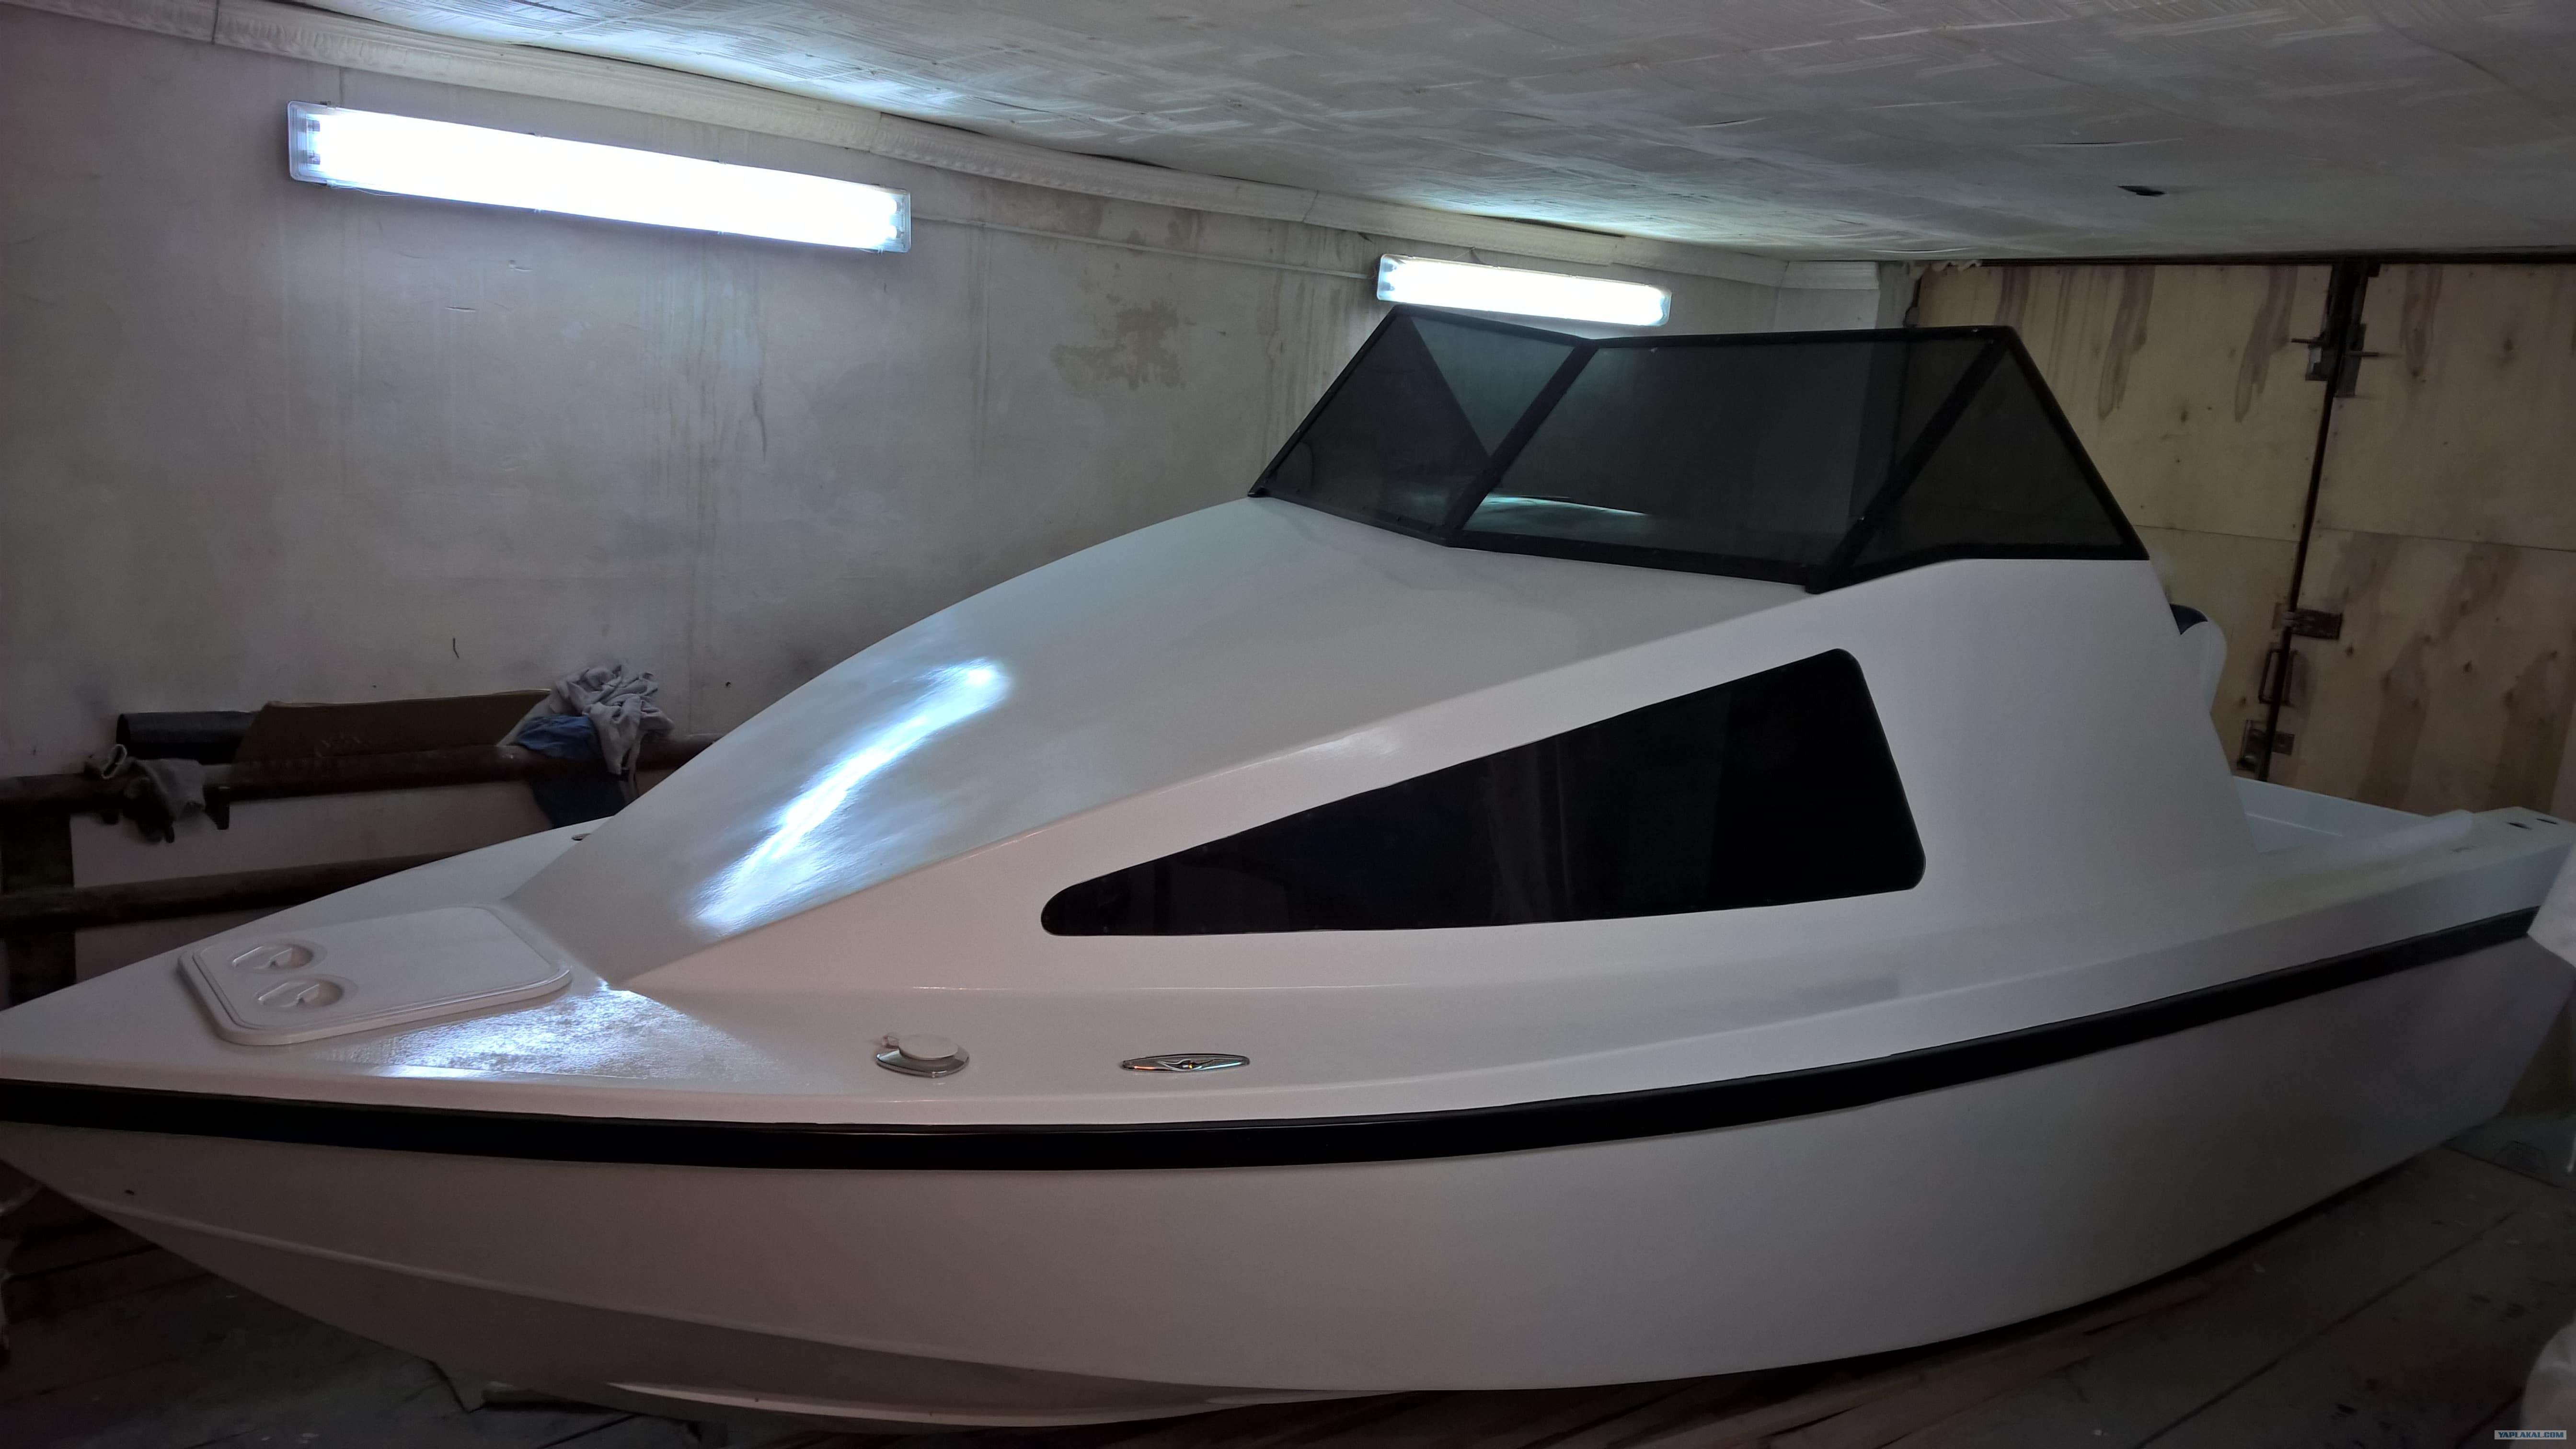 Стеклопластиковая лодка пошаговая инструкция